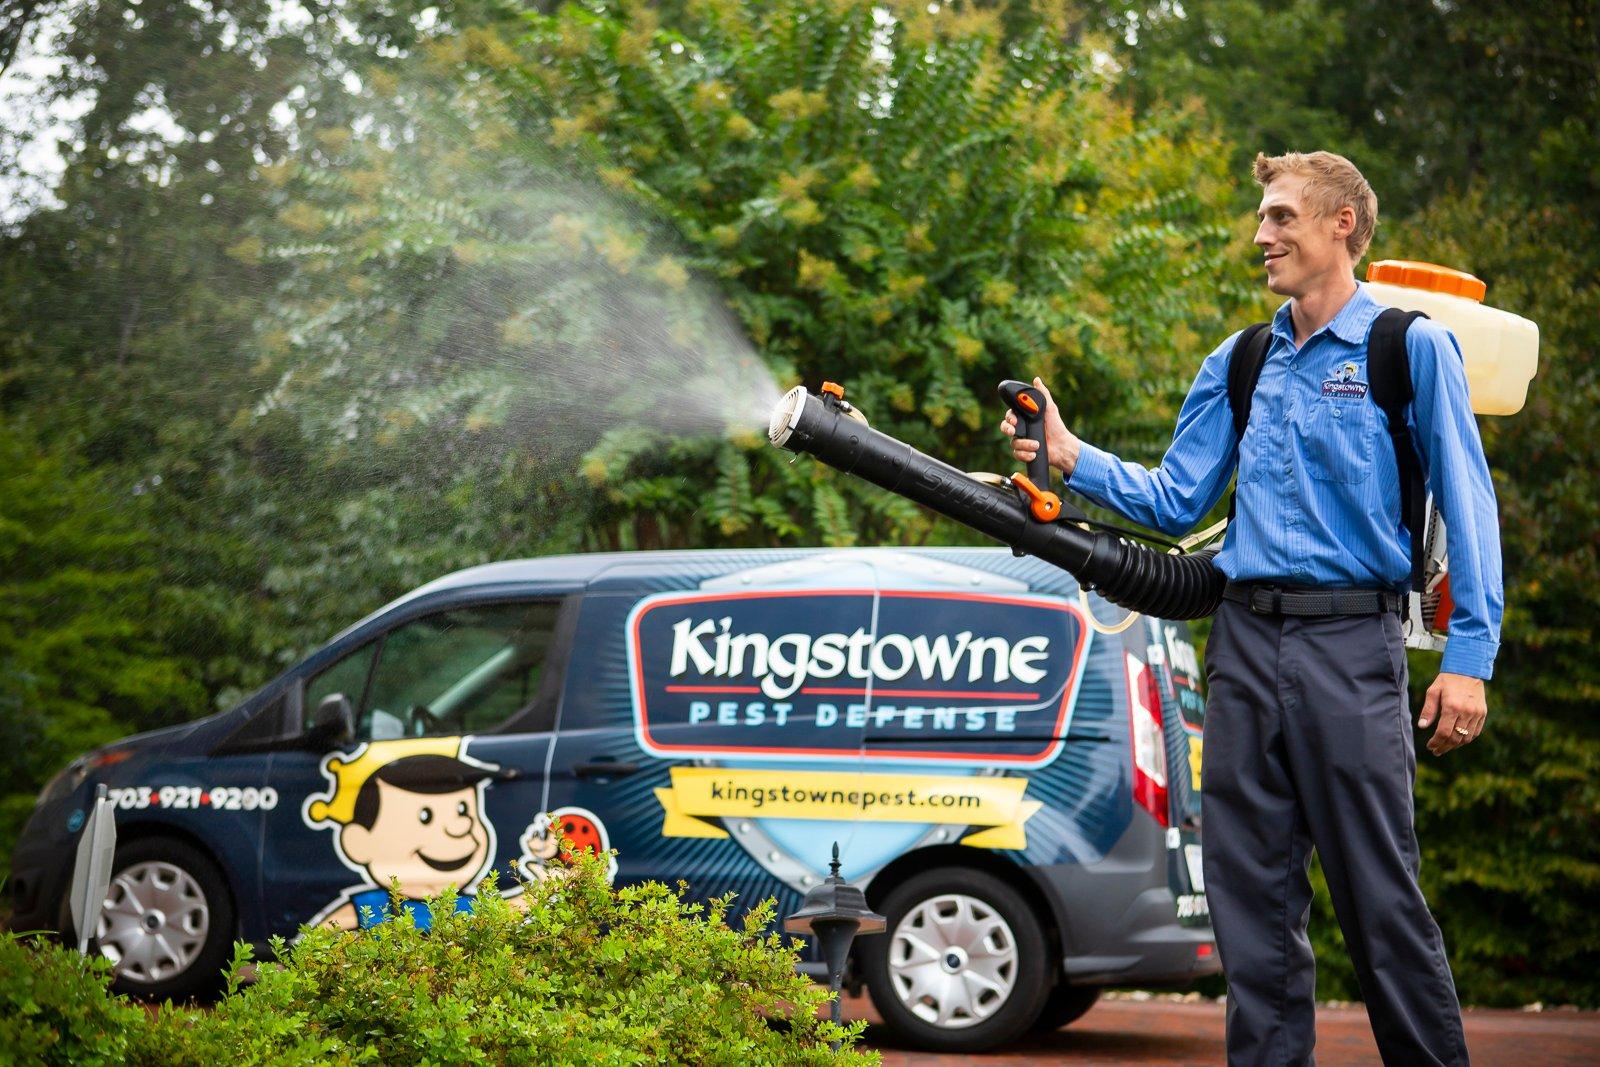 kingstowne pest defense van